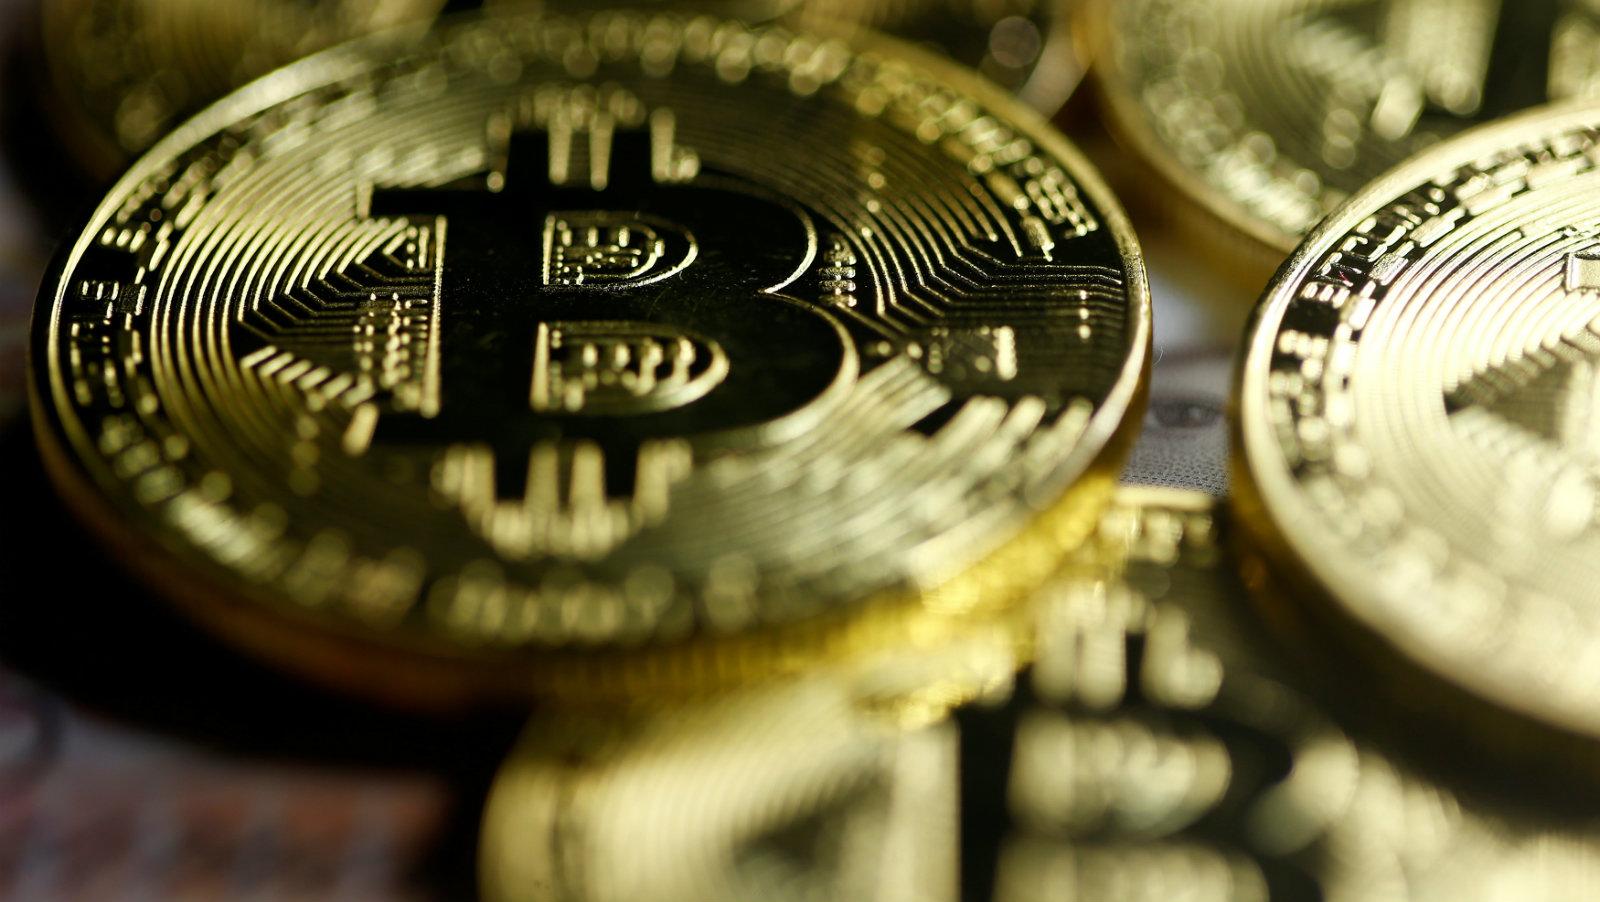 Bitcoin qt build instructions for legoland